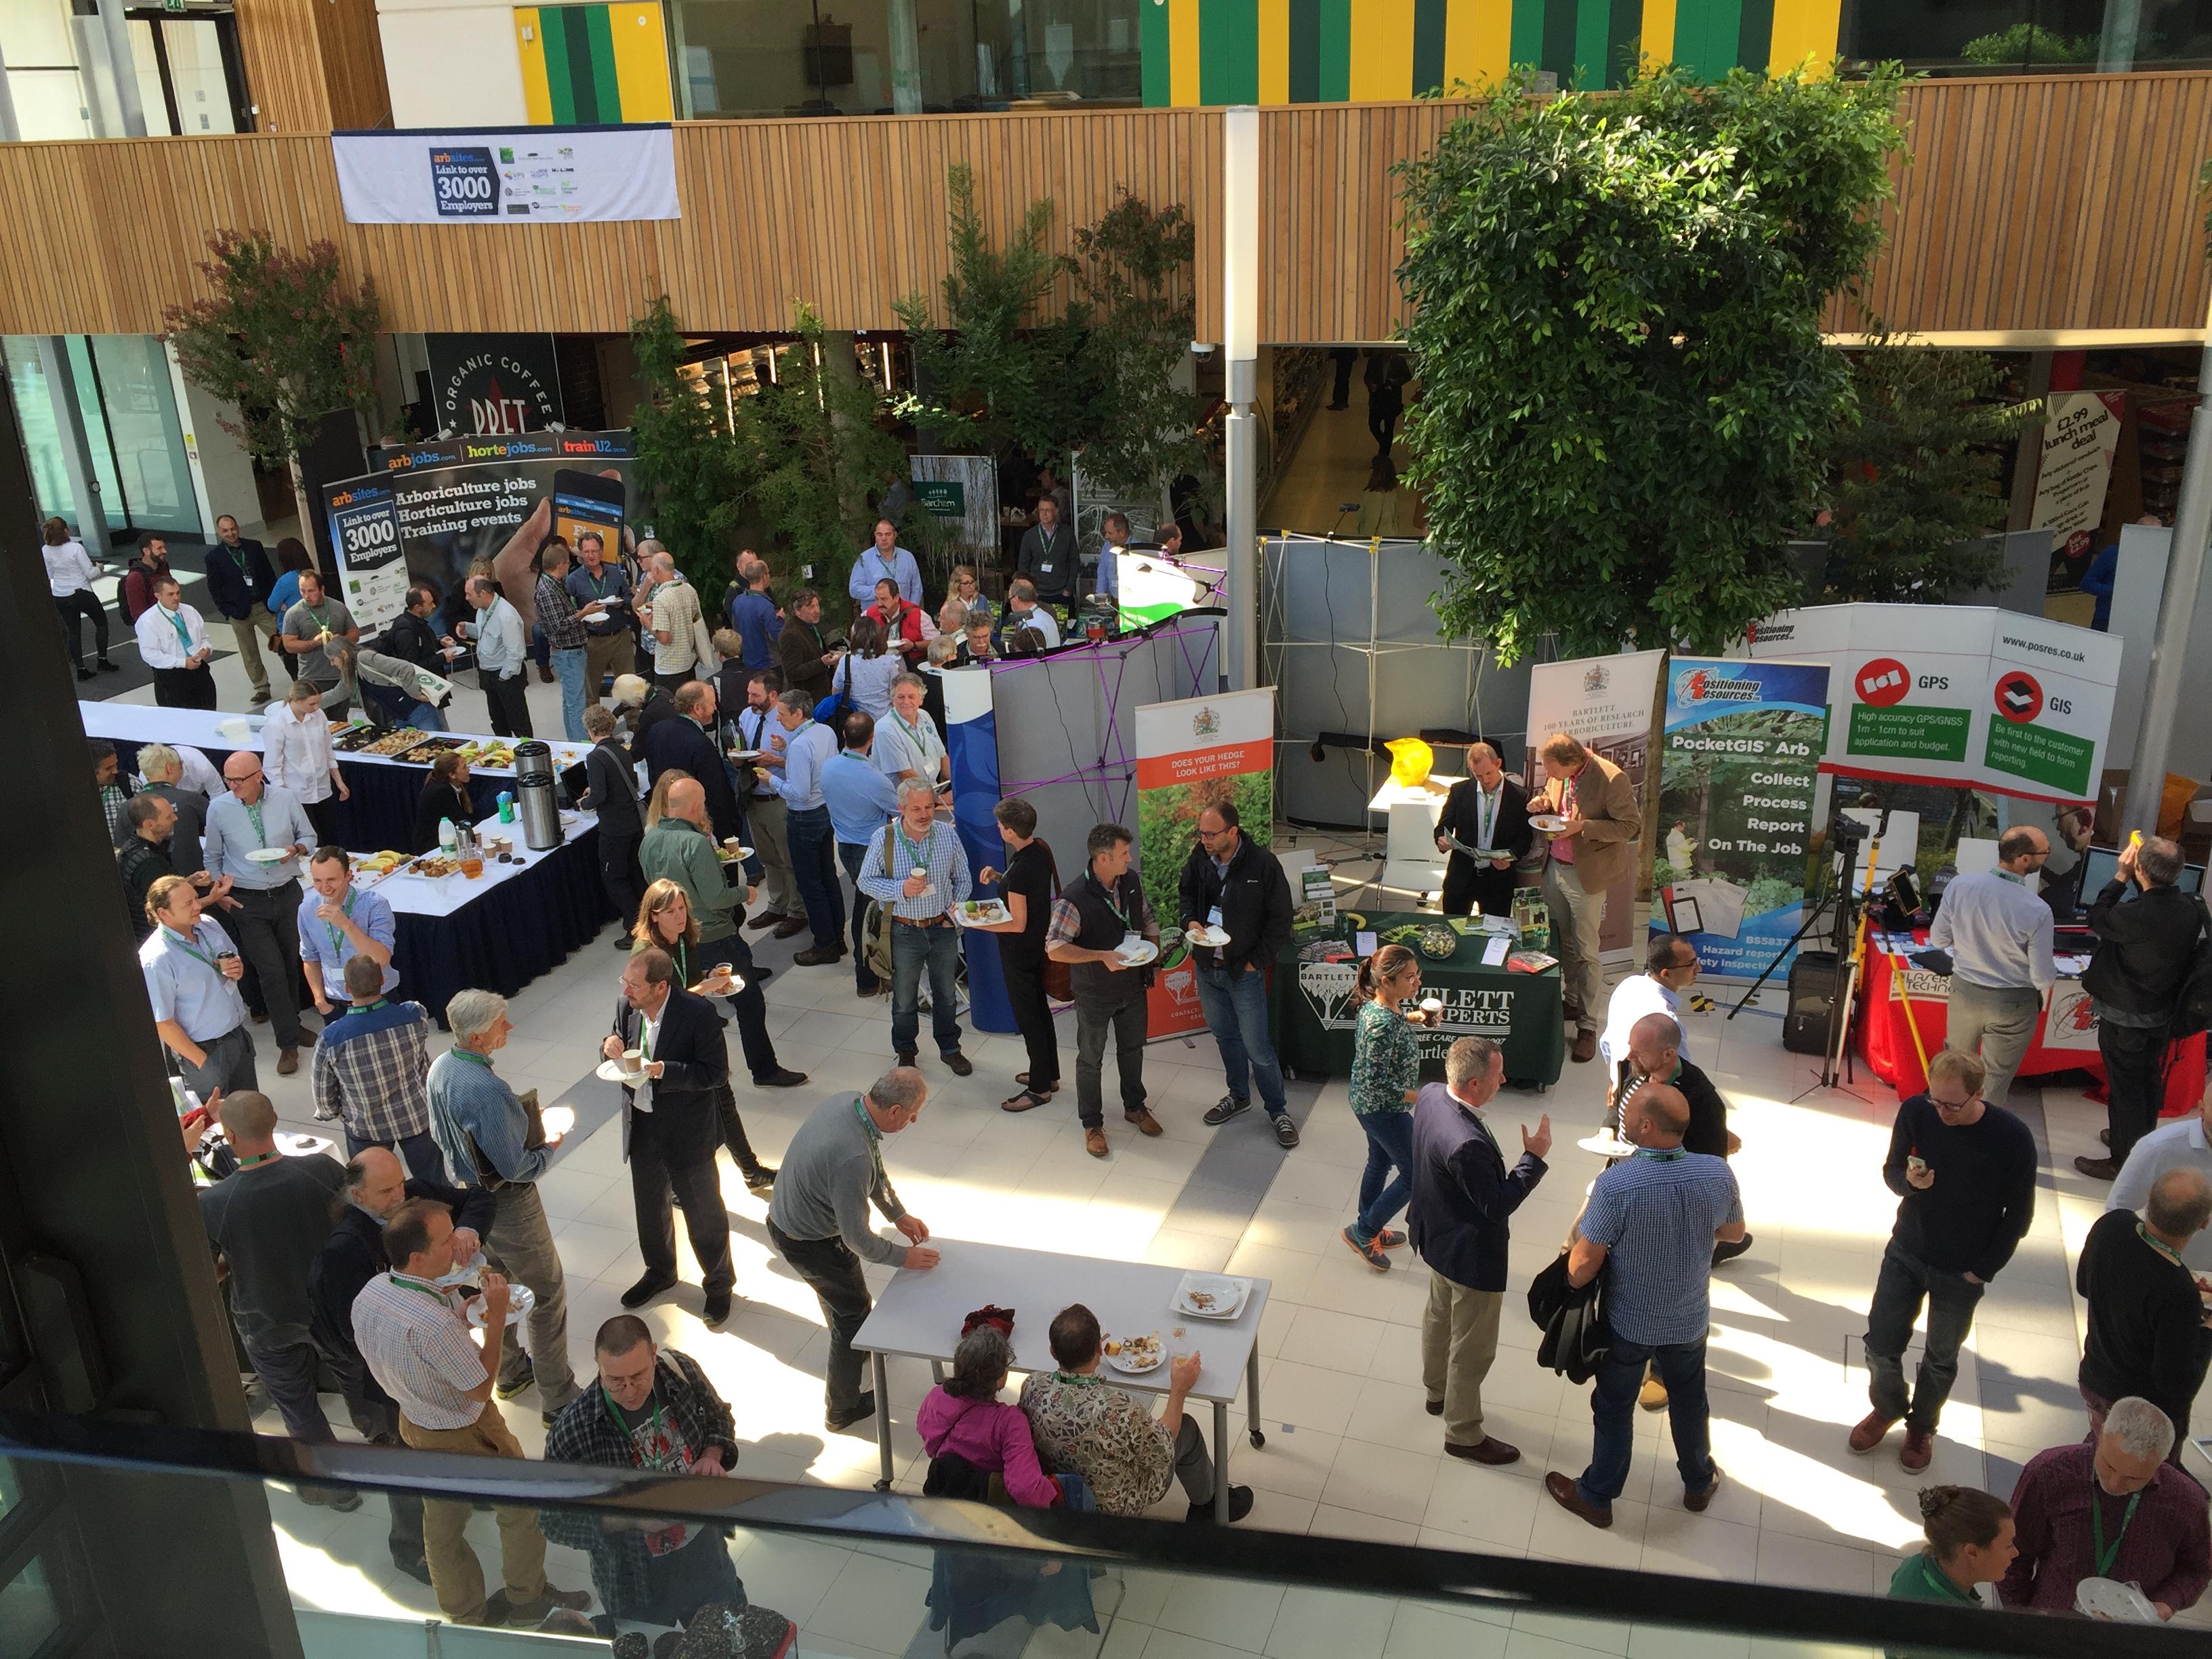 Arboricultural-Association-Conference-delegates